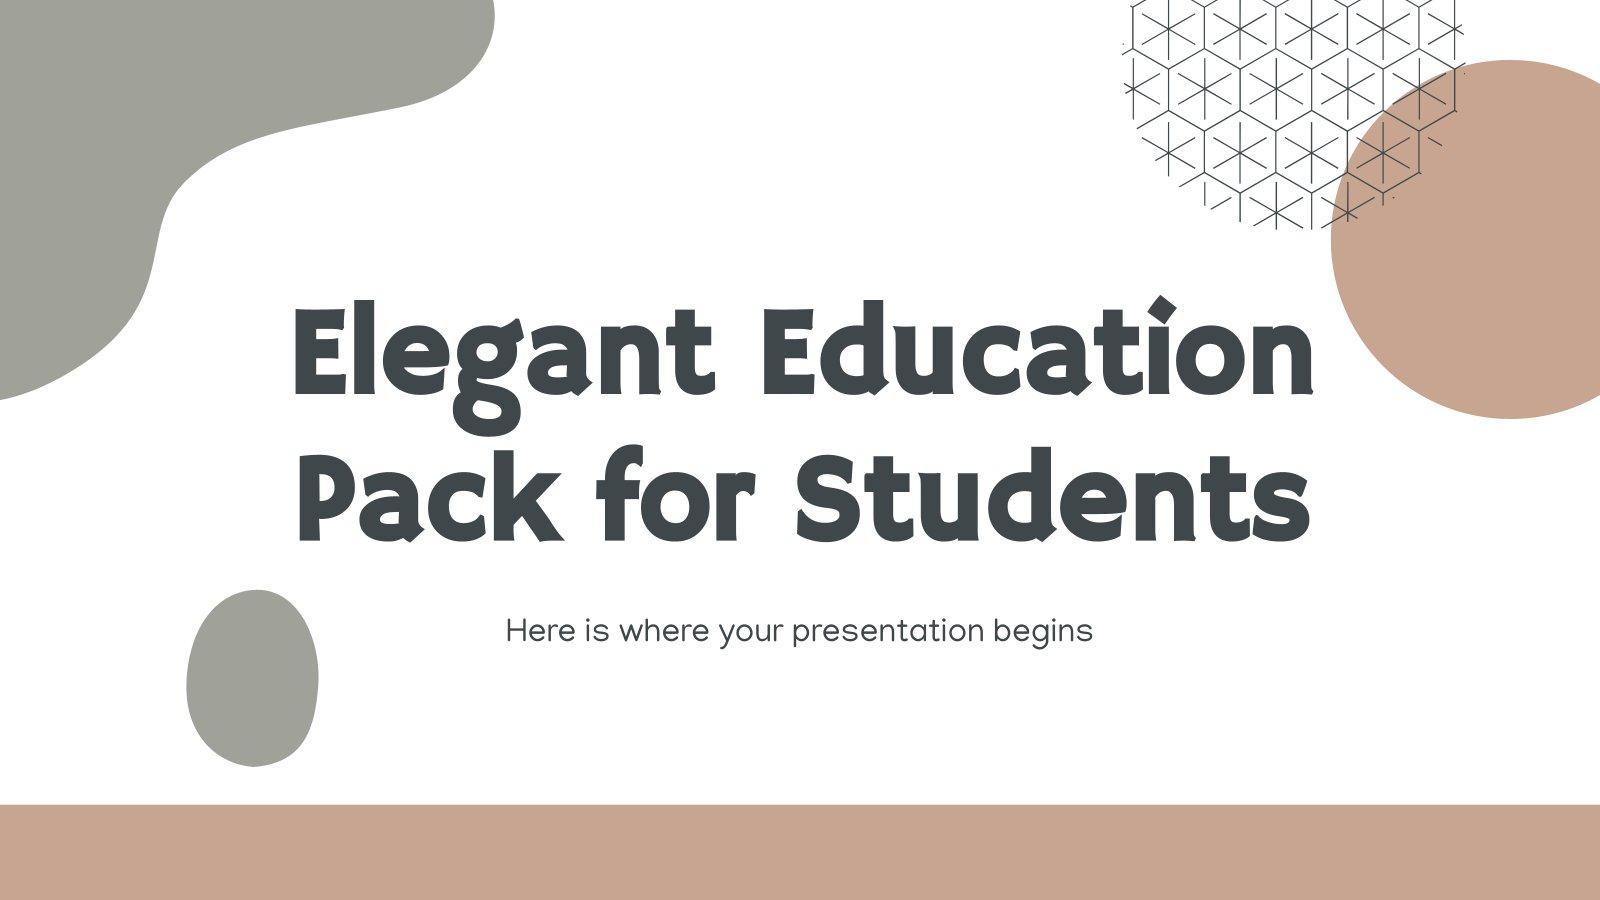 Modelo de apresentação Pacote educacional elegante para estudantes